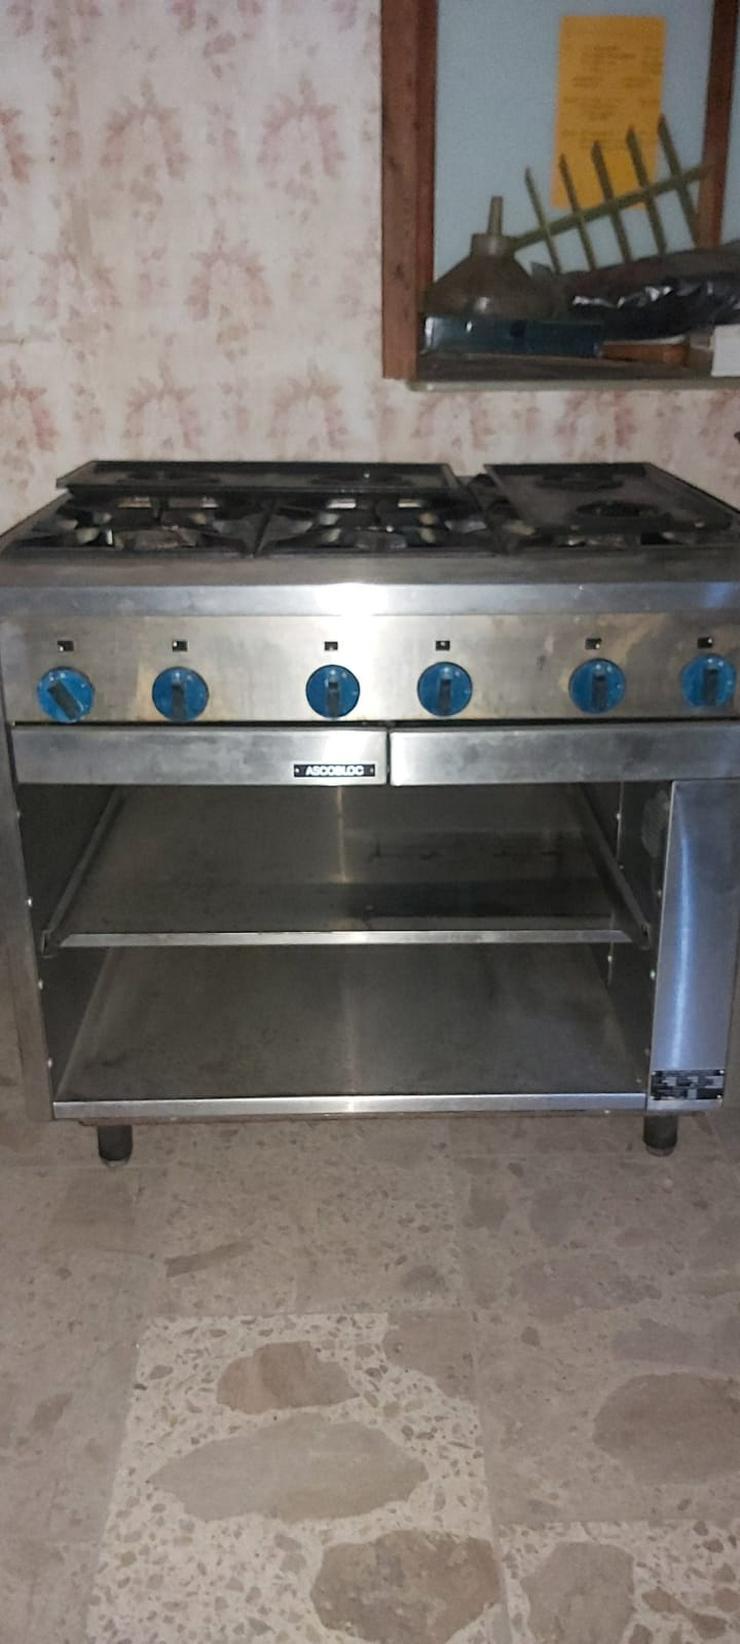 Bild 2: Komplette Küche Gastro Gastronomie Edelstahl Restaurante Kippbratpfanne ASCOBLOC